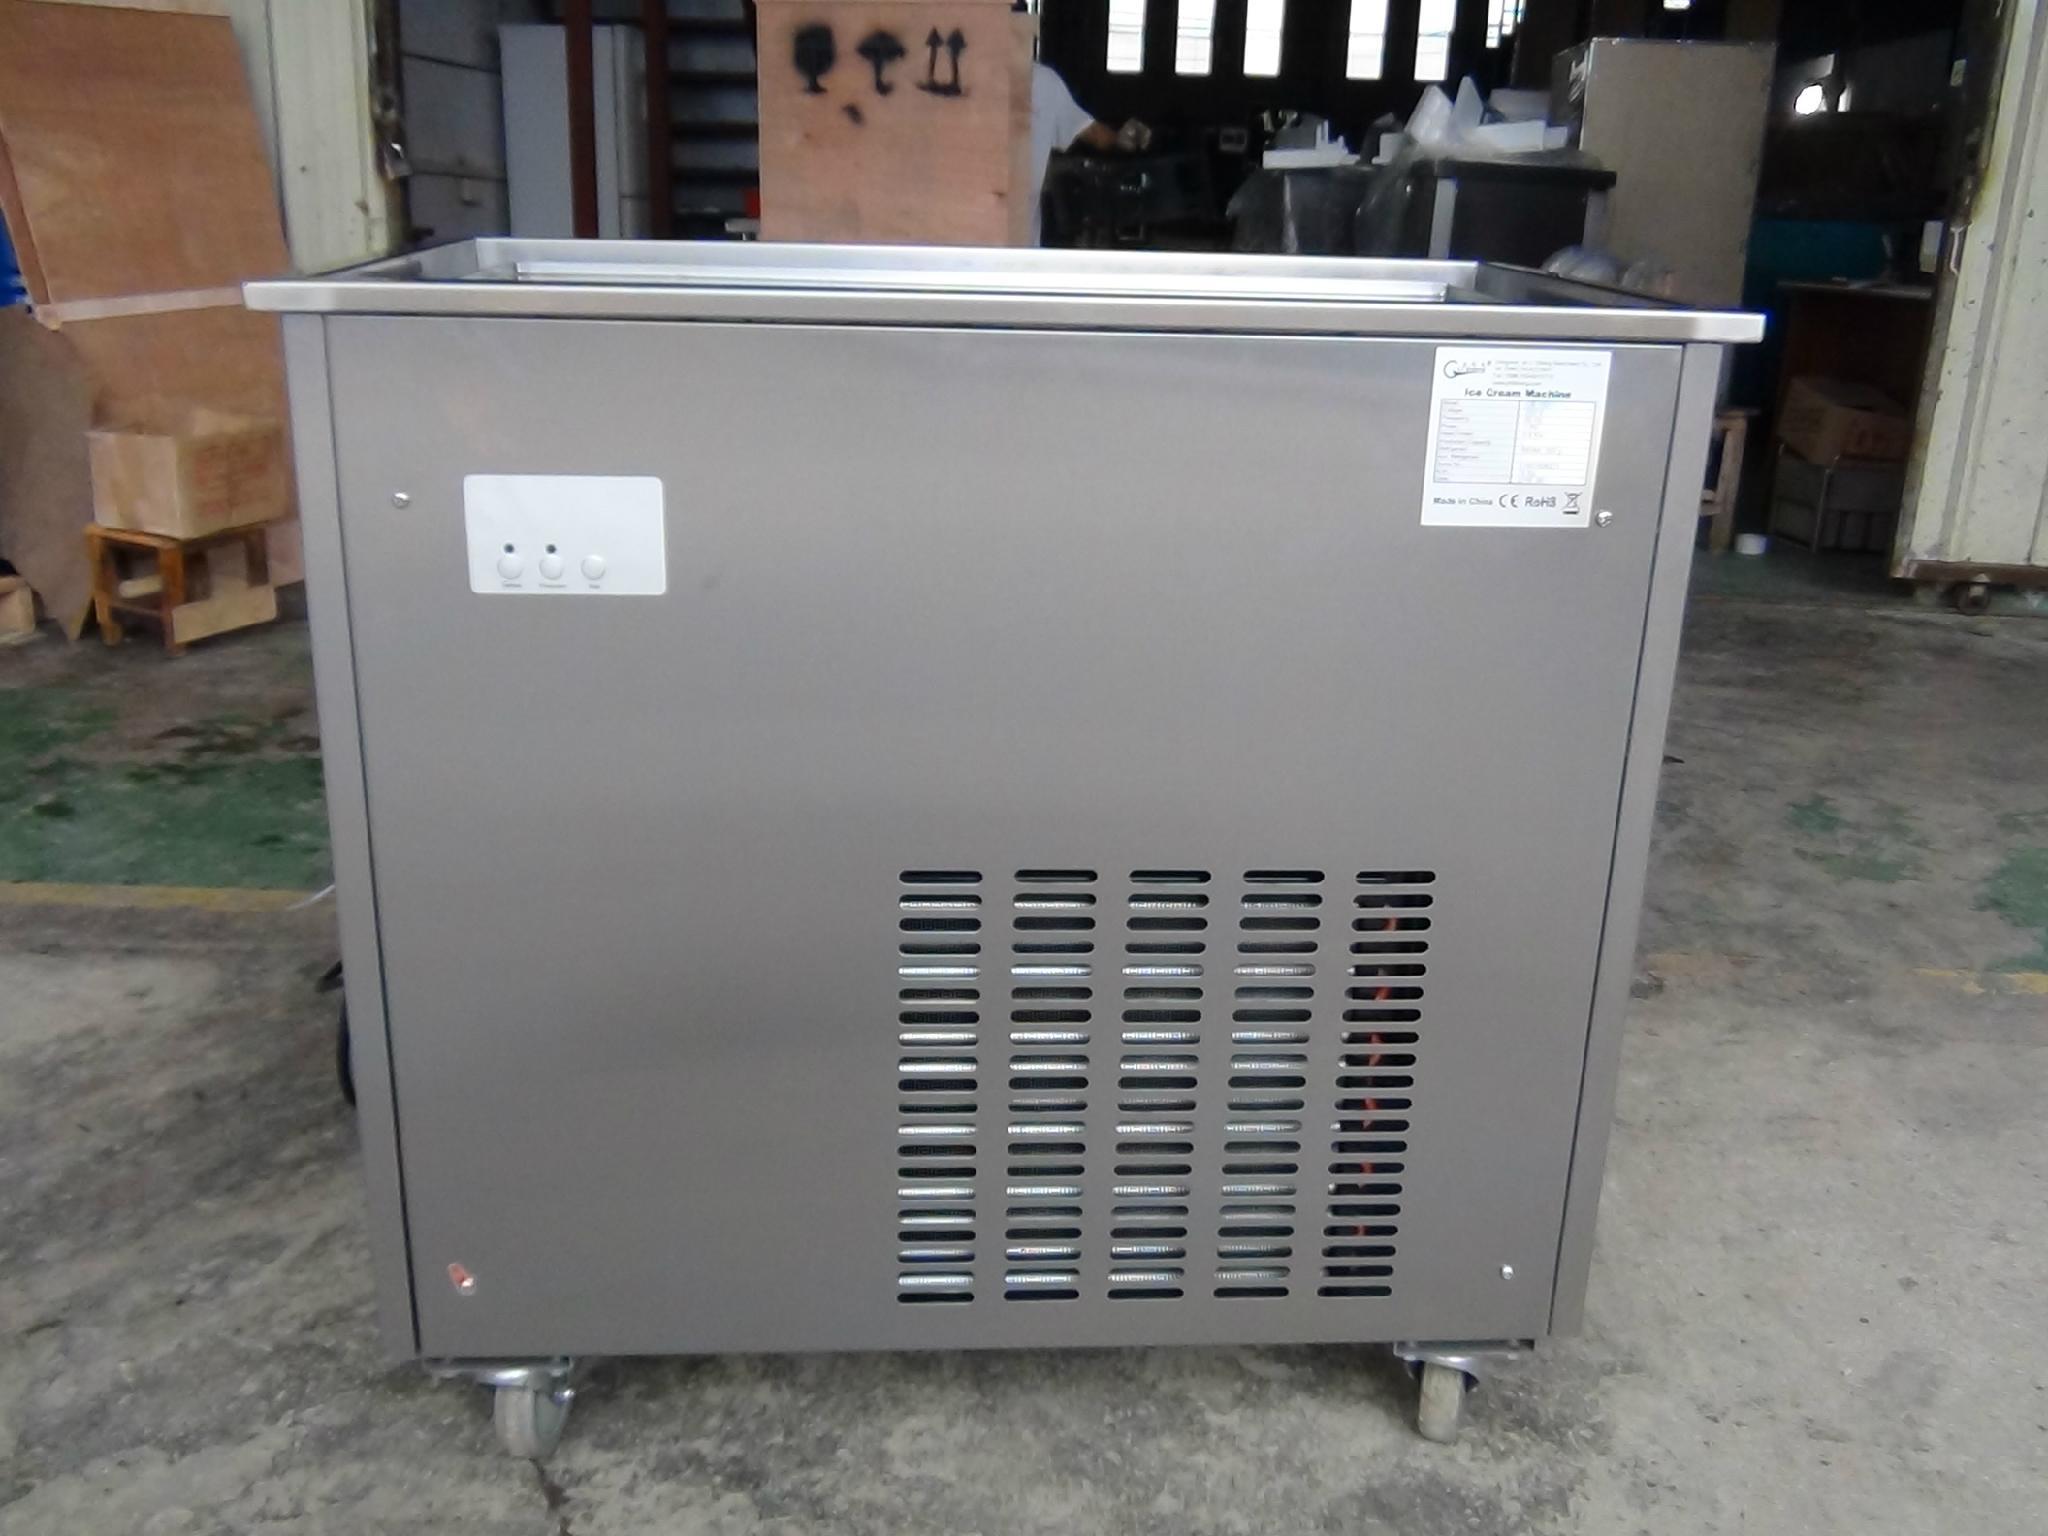 CB-100方盘炒冰机,炒冰机什么牌子好 2